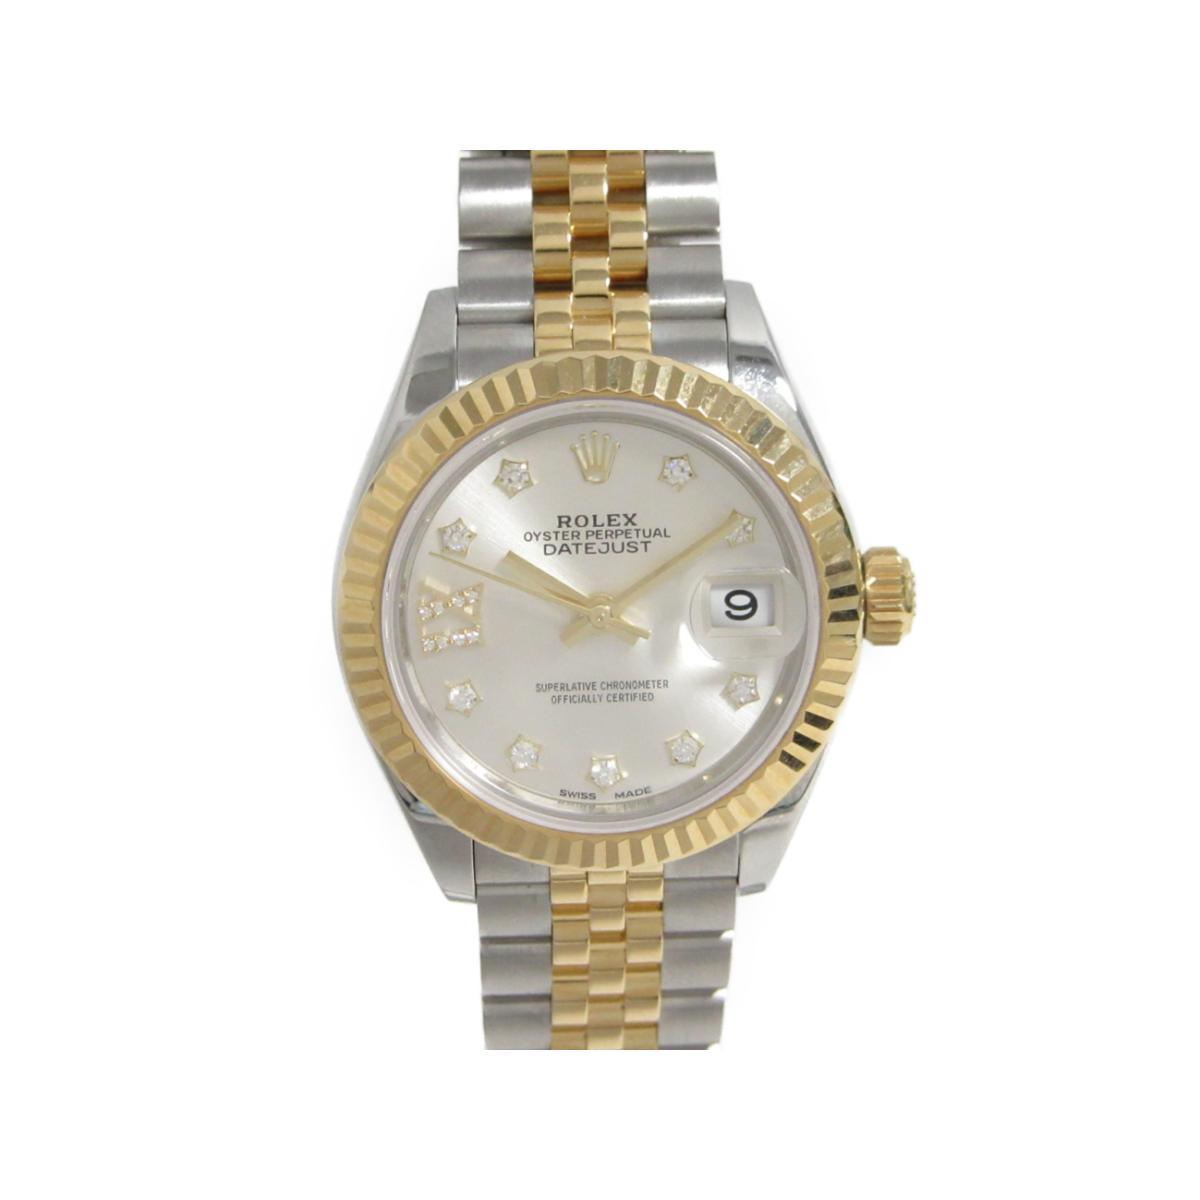 デイトジャスト 9P IX ダイヤモンド 腕時計/レディース/お洒落/おすすめ